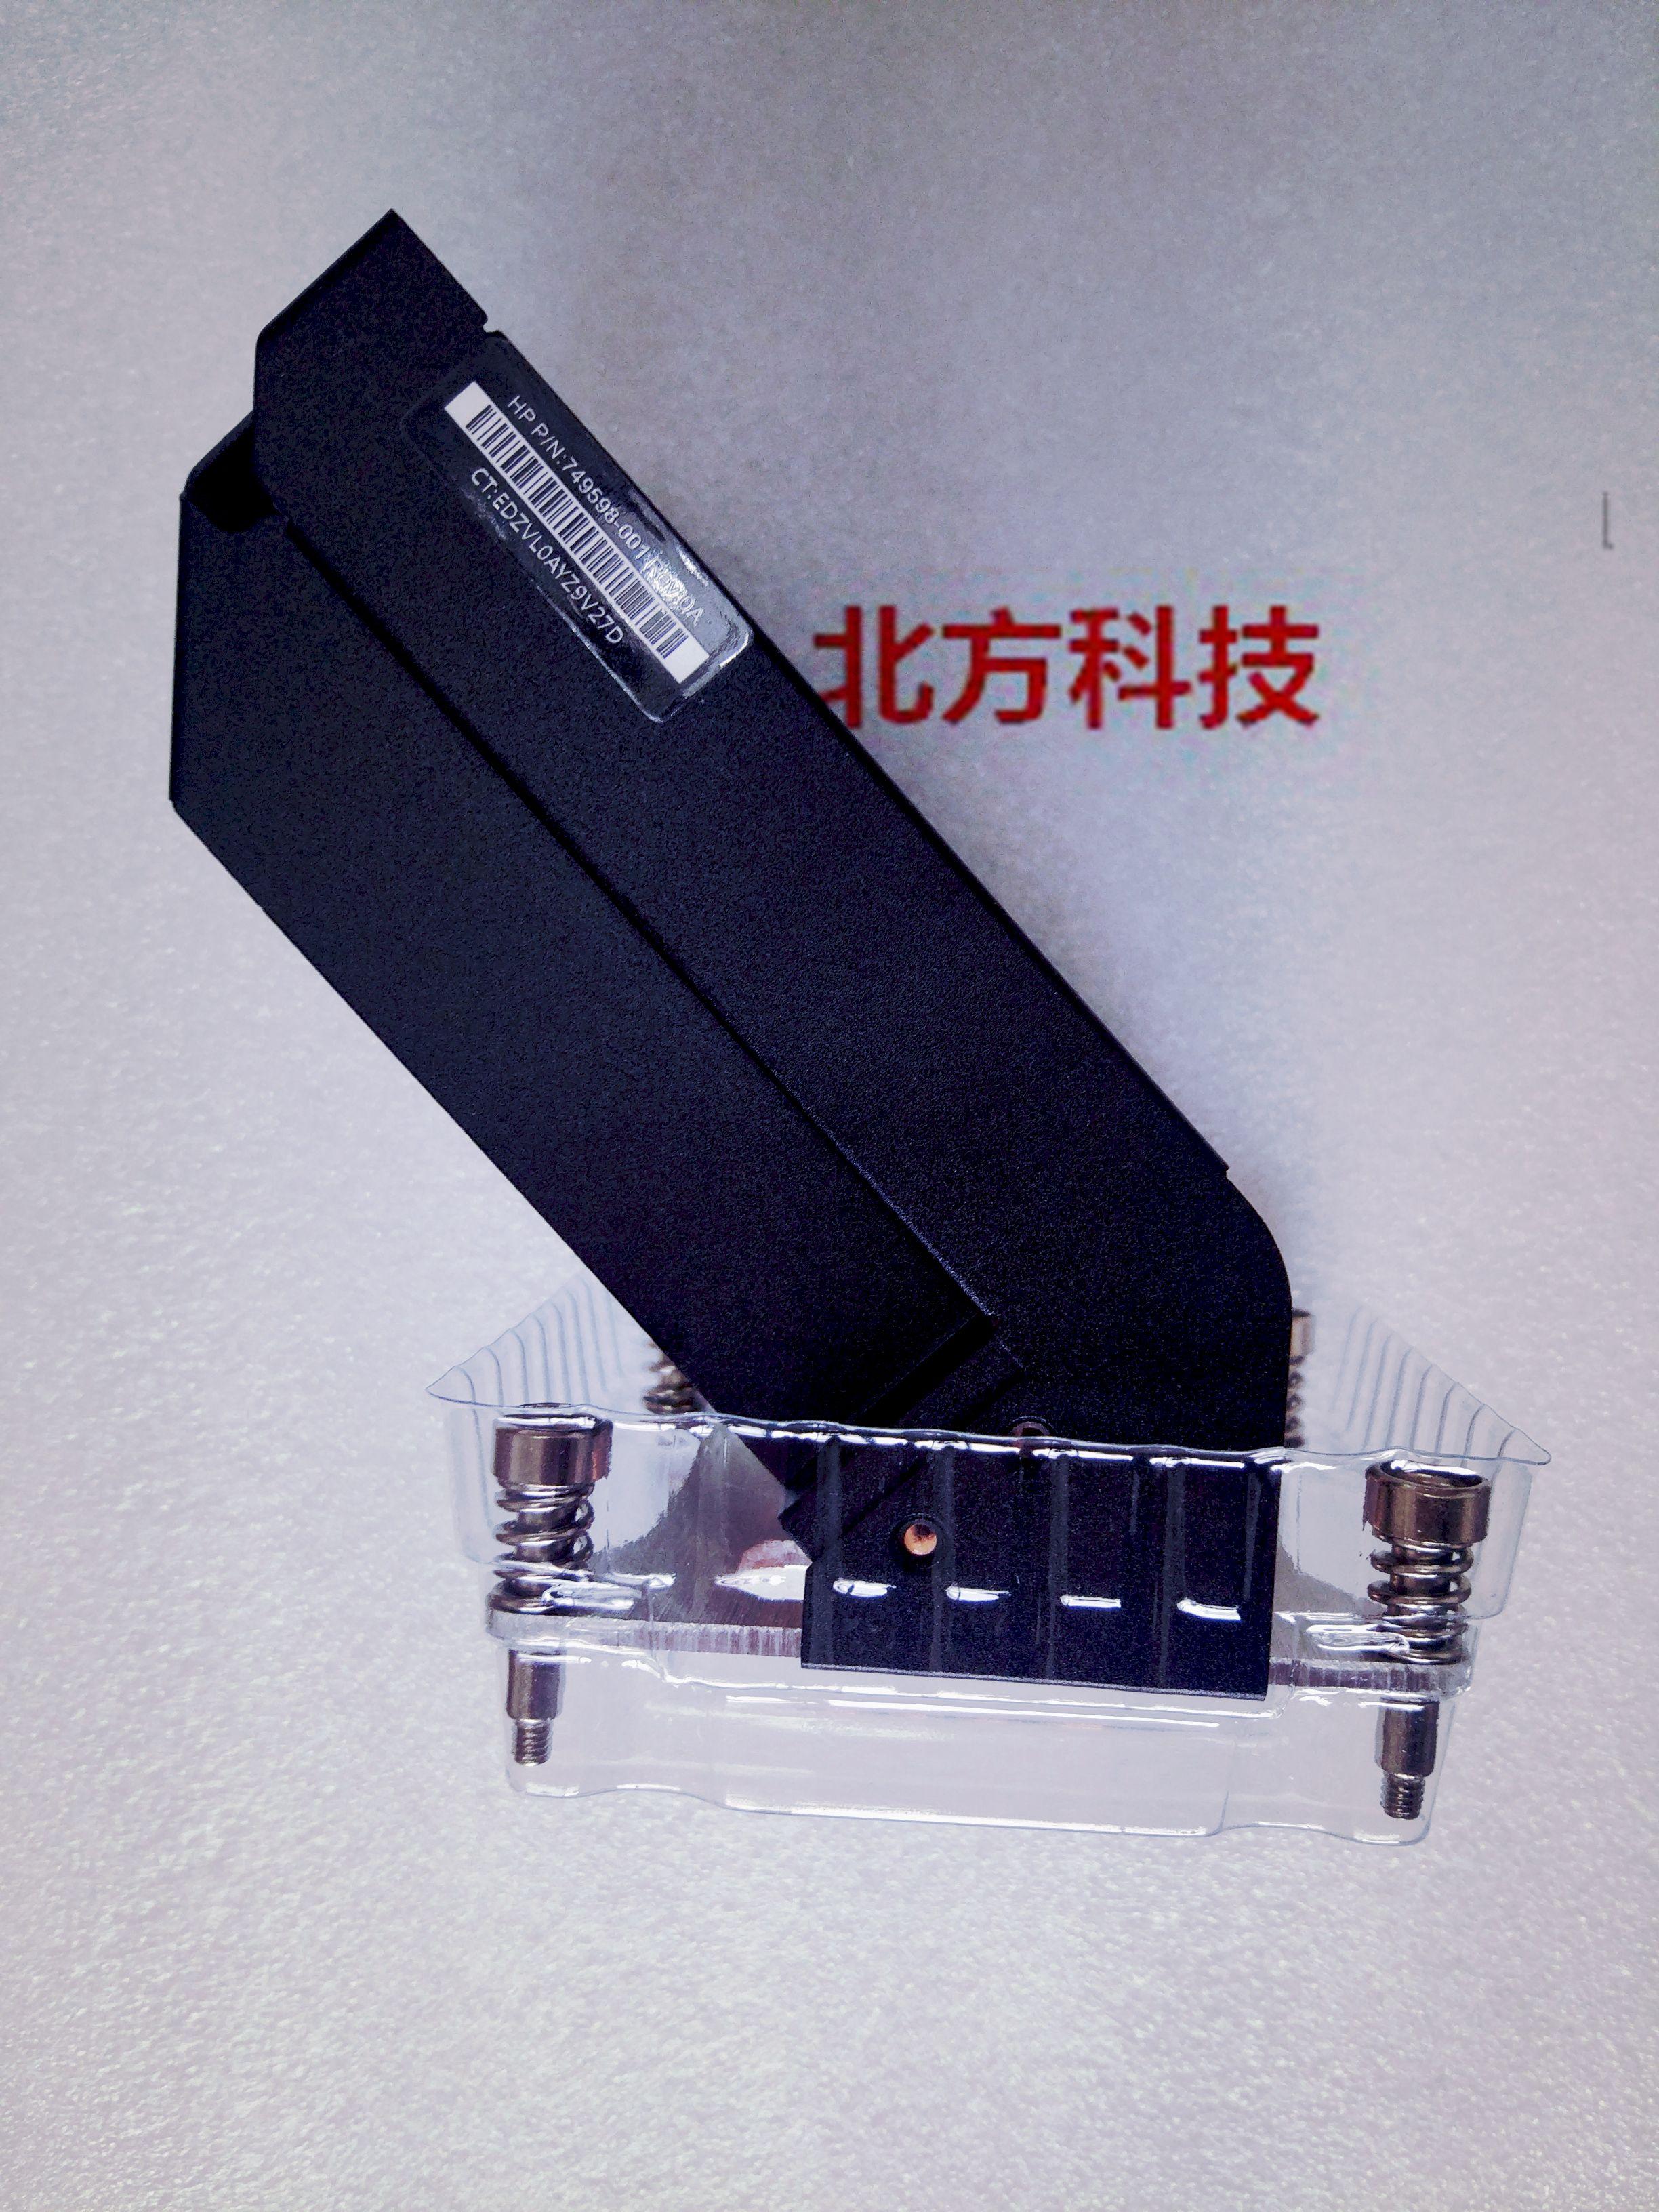 FOR HP Z840 Z820 Server heat sink 749598-001 brand new for hp z820 z840 server heat sink workstation 749598 001 cooling fan 647113 001